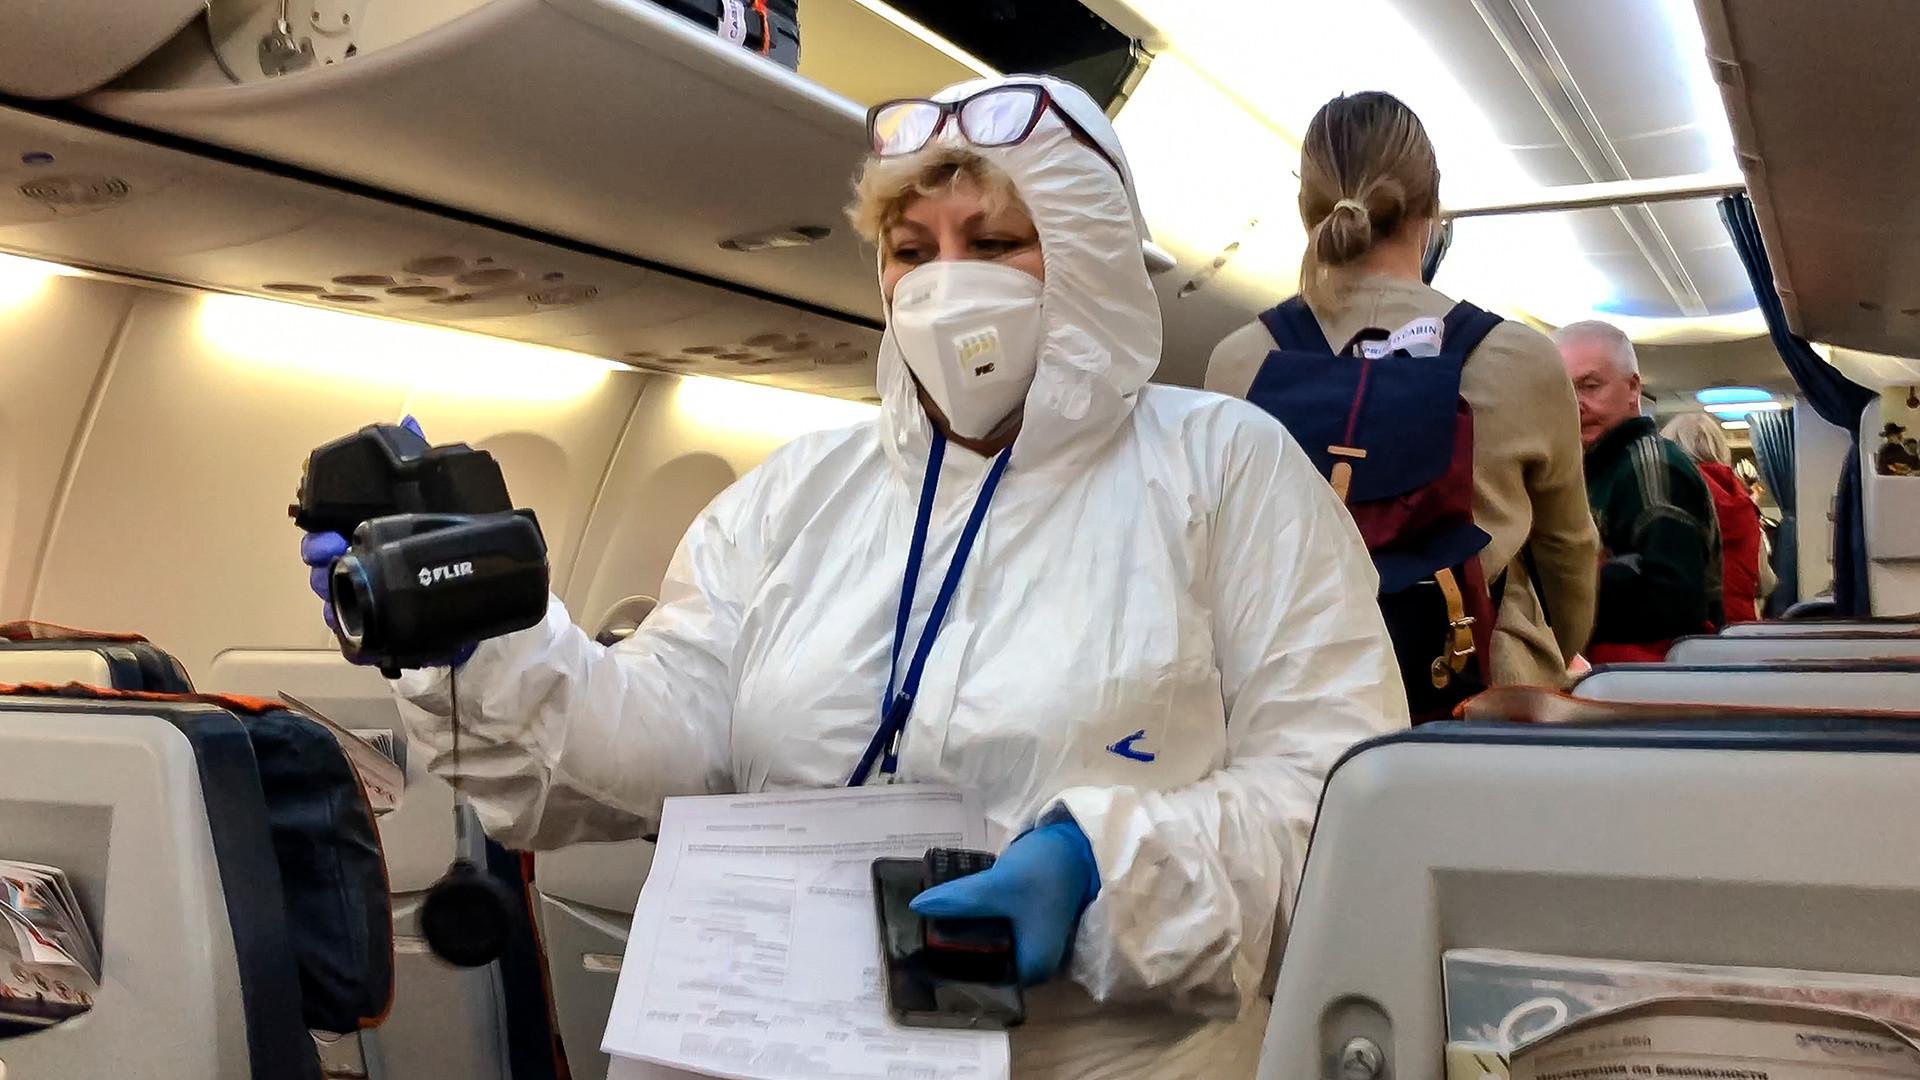 Руски медицински експерт ги проверува патниците кои пристигнуваат од Италија внатре во авионот на аеродромот Шереметјево, Москва, 8 март 2020 година.